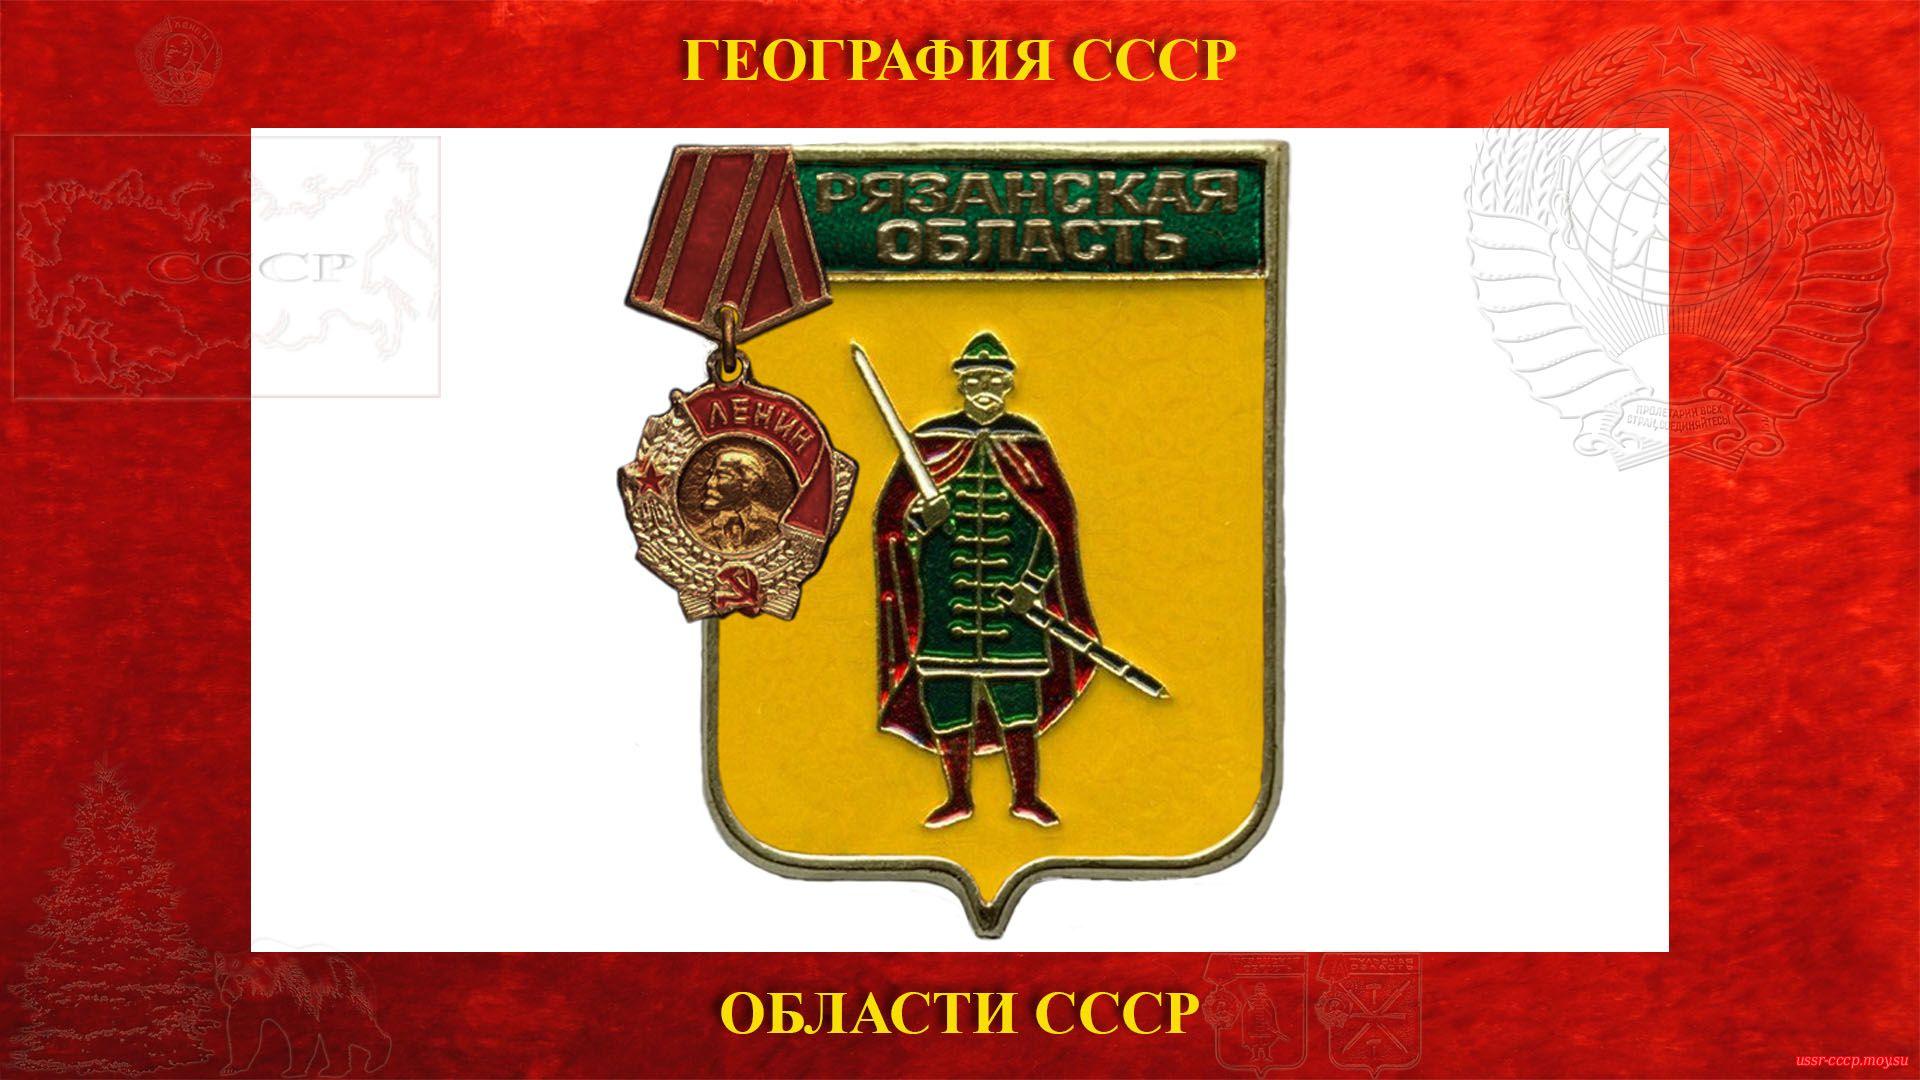 Рязанская область — Областной центр РСФСР в составе СССР (26.09.1937)